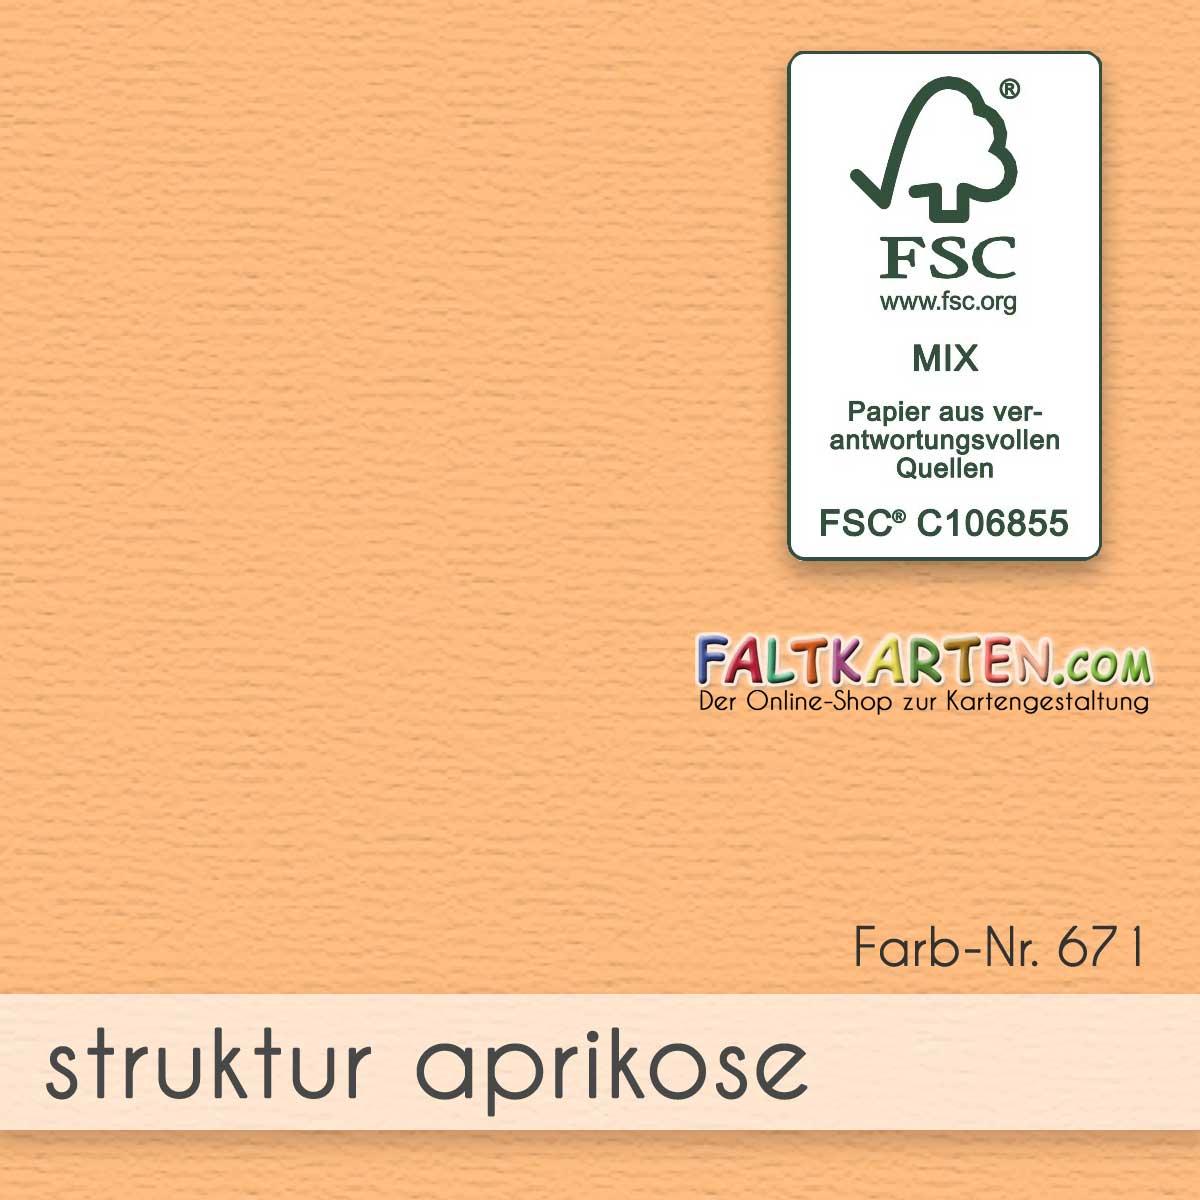 Farbton: struktur aprikose